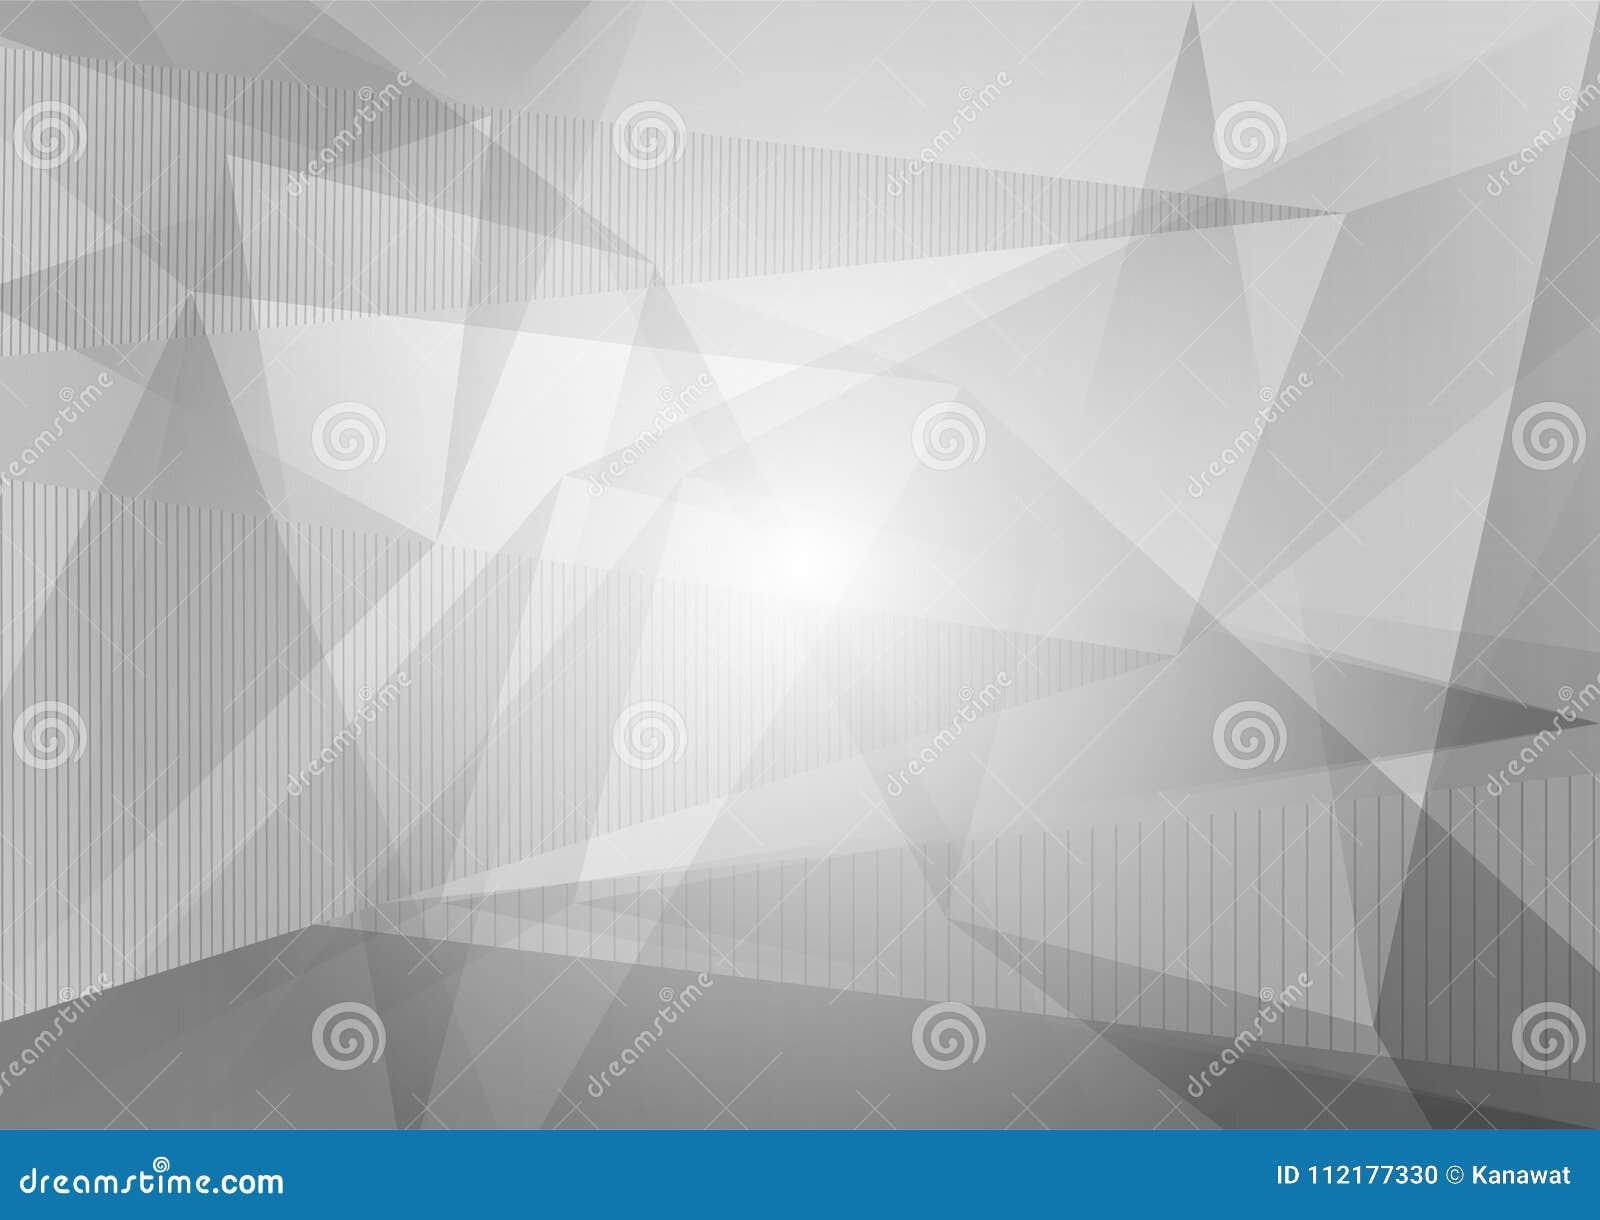 Szary i biały wielobok i geometryczny abstrakcjonistyczny tło, Wektorowa ilustracja z kopii przestrzenią, Graficzny projekt